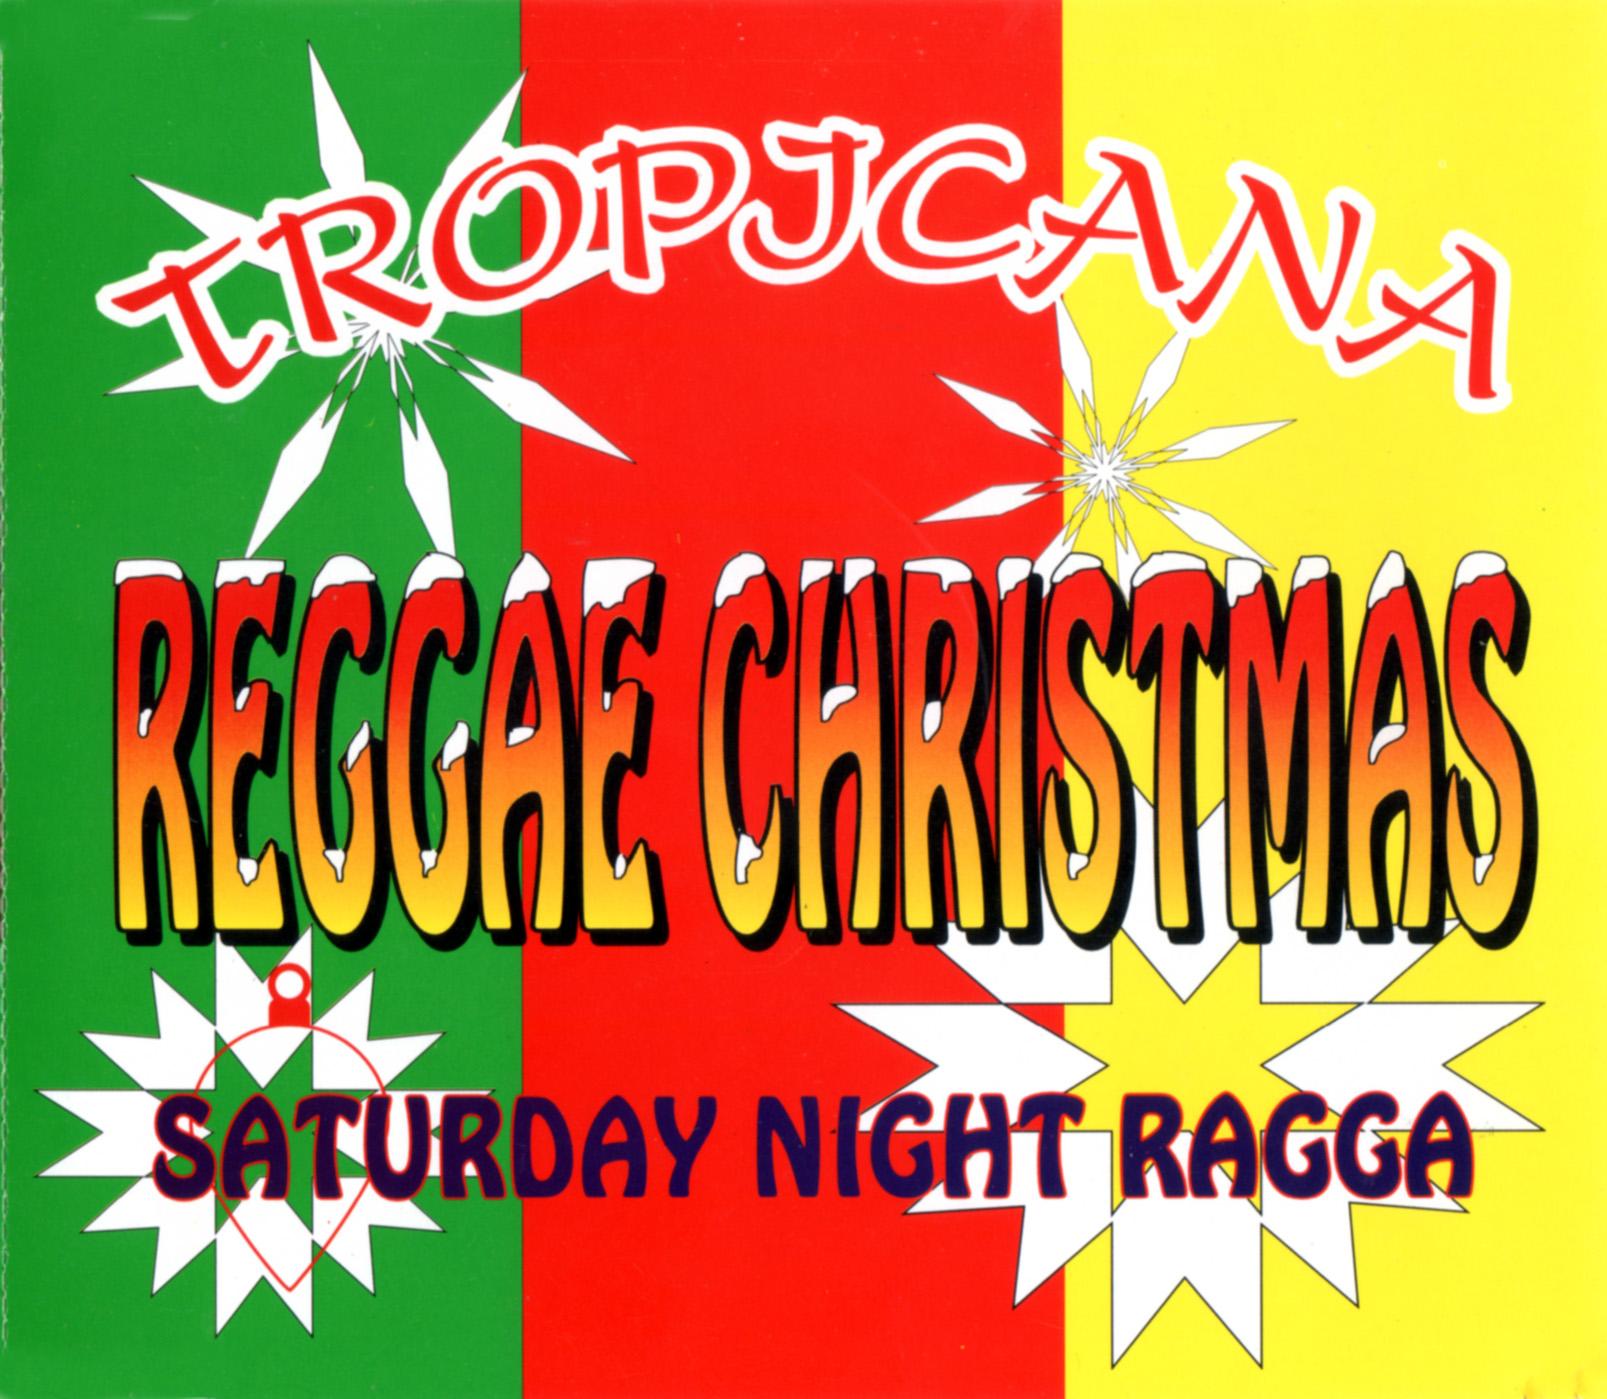 Tropicana - Reggae Christmas